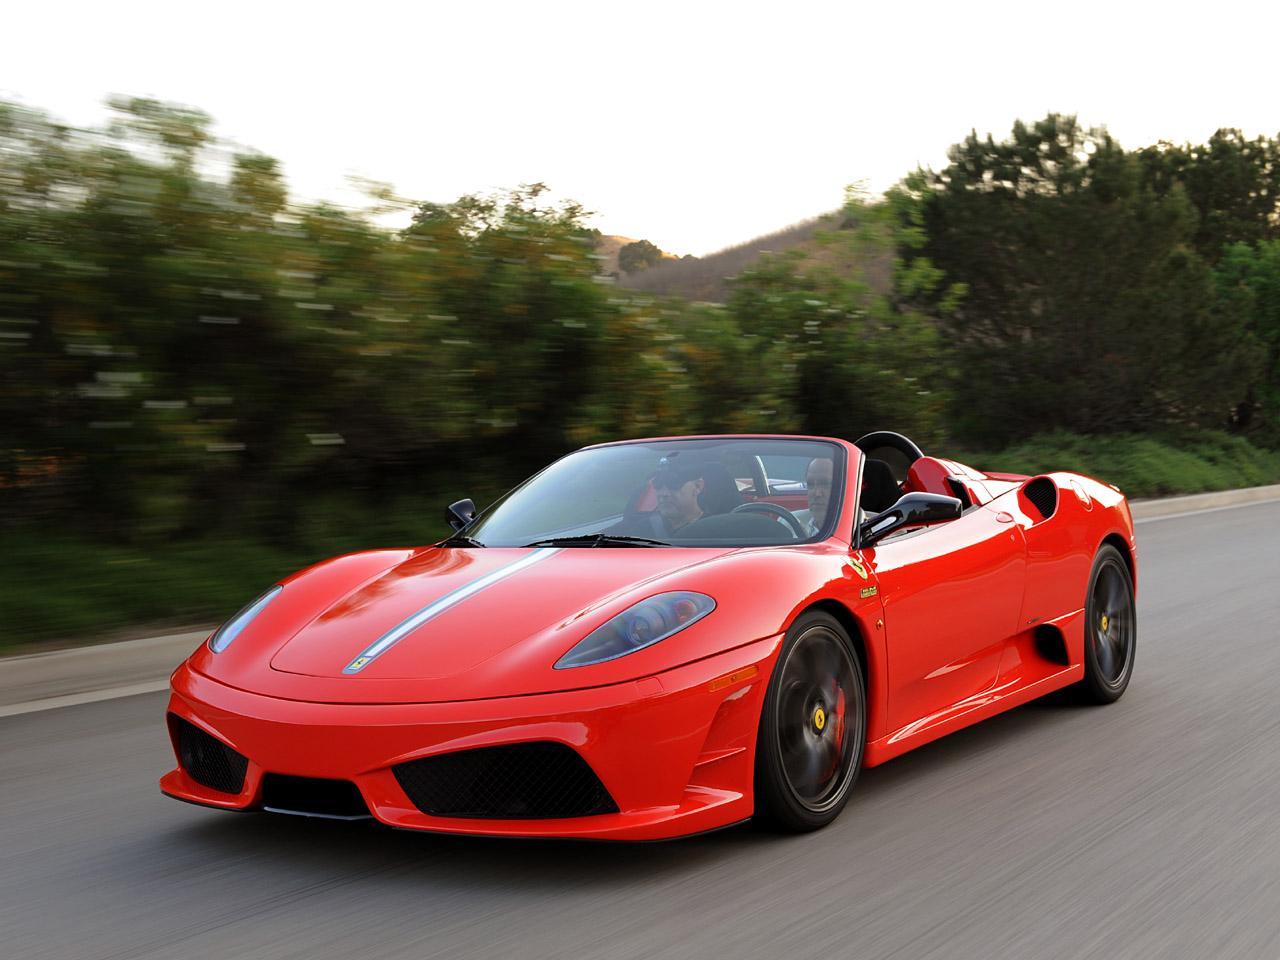 2009 Ferrari Scuderia Spider 16m Specs, Pictures & Engine